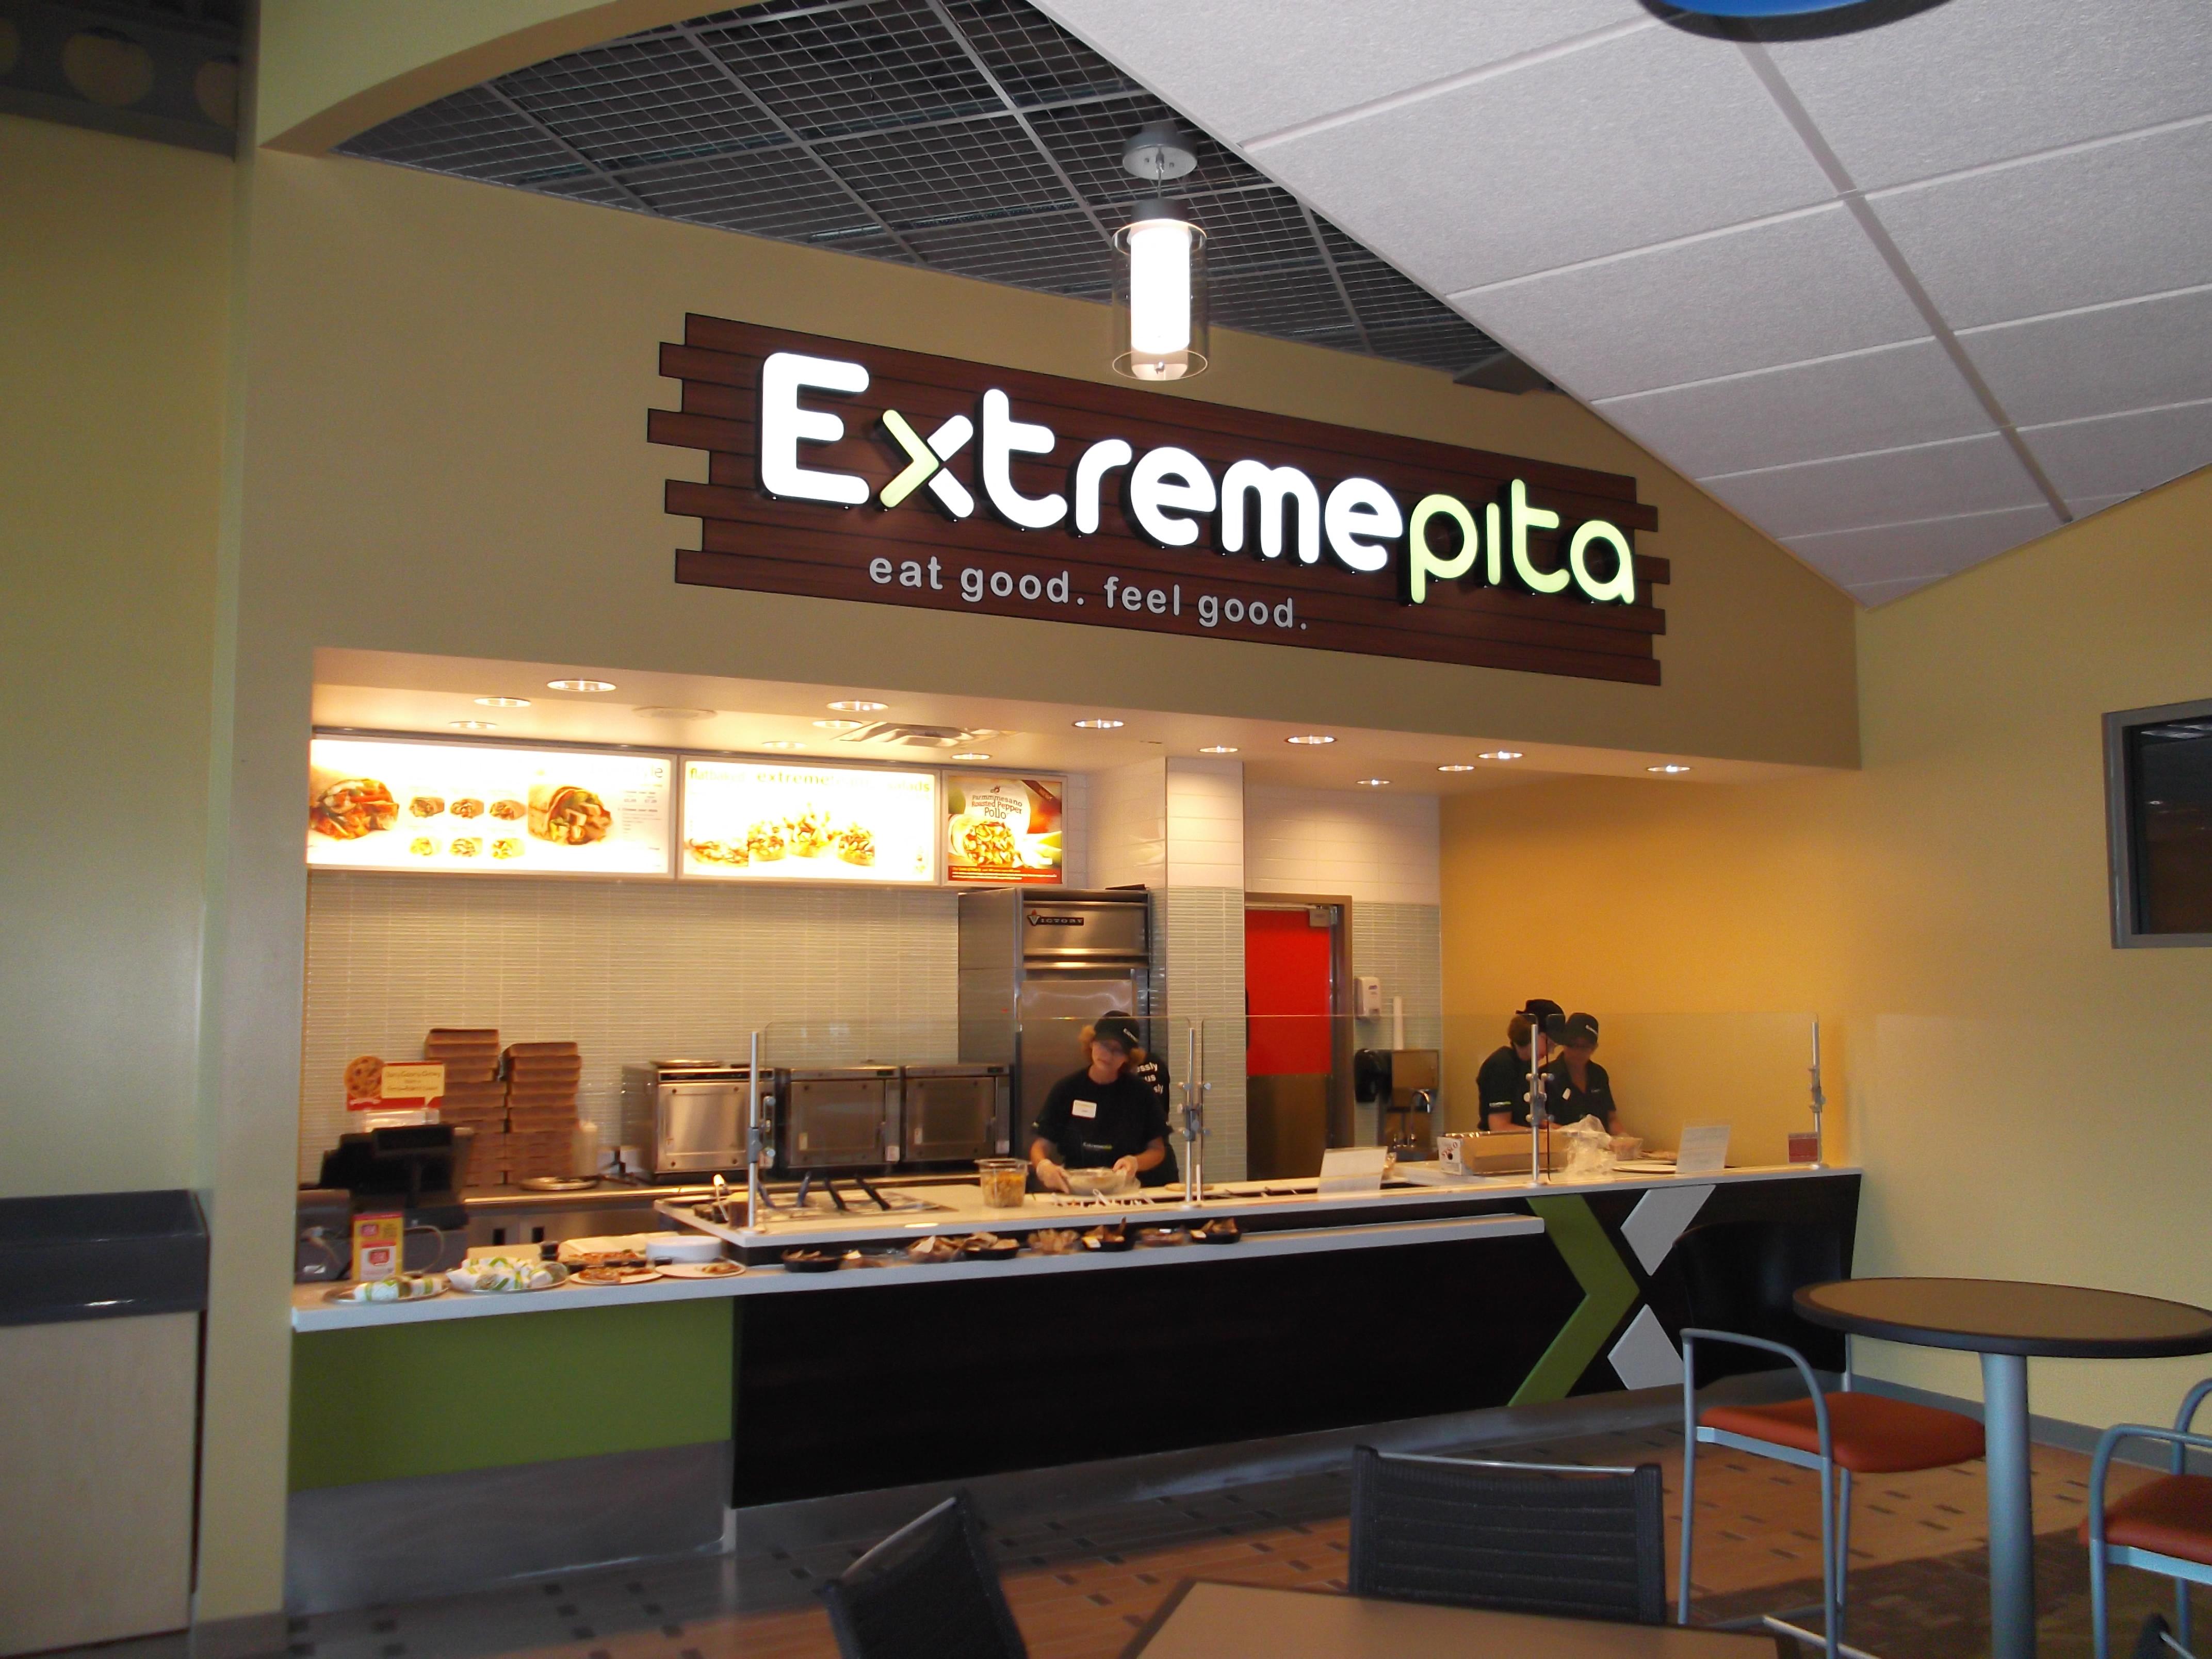 Extreme Pita Exterior